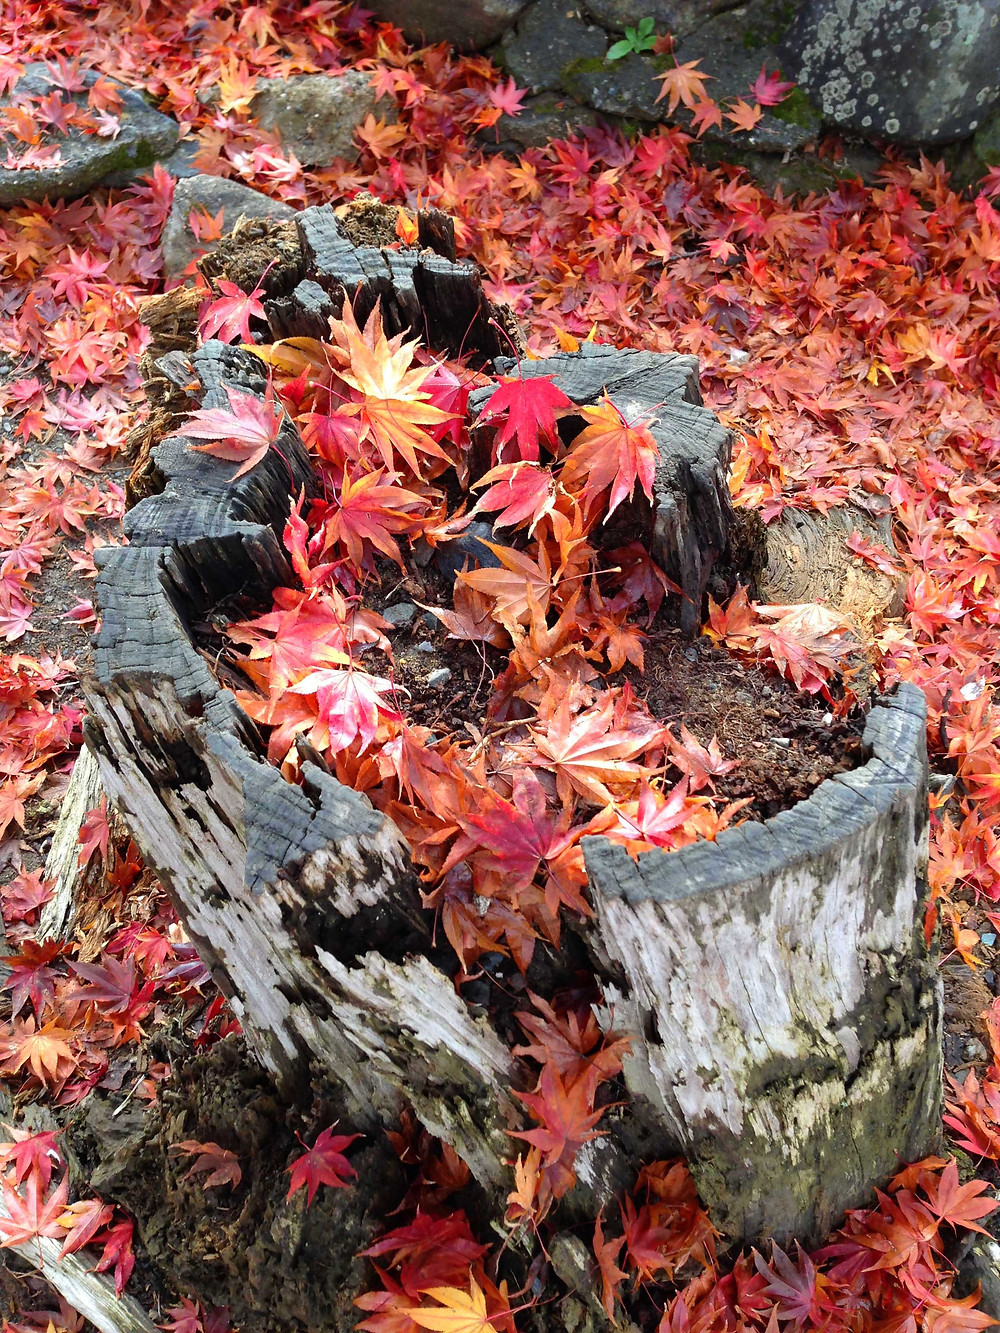 遍地落葉也讓人忍不住瘋狂拍照。